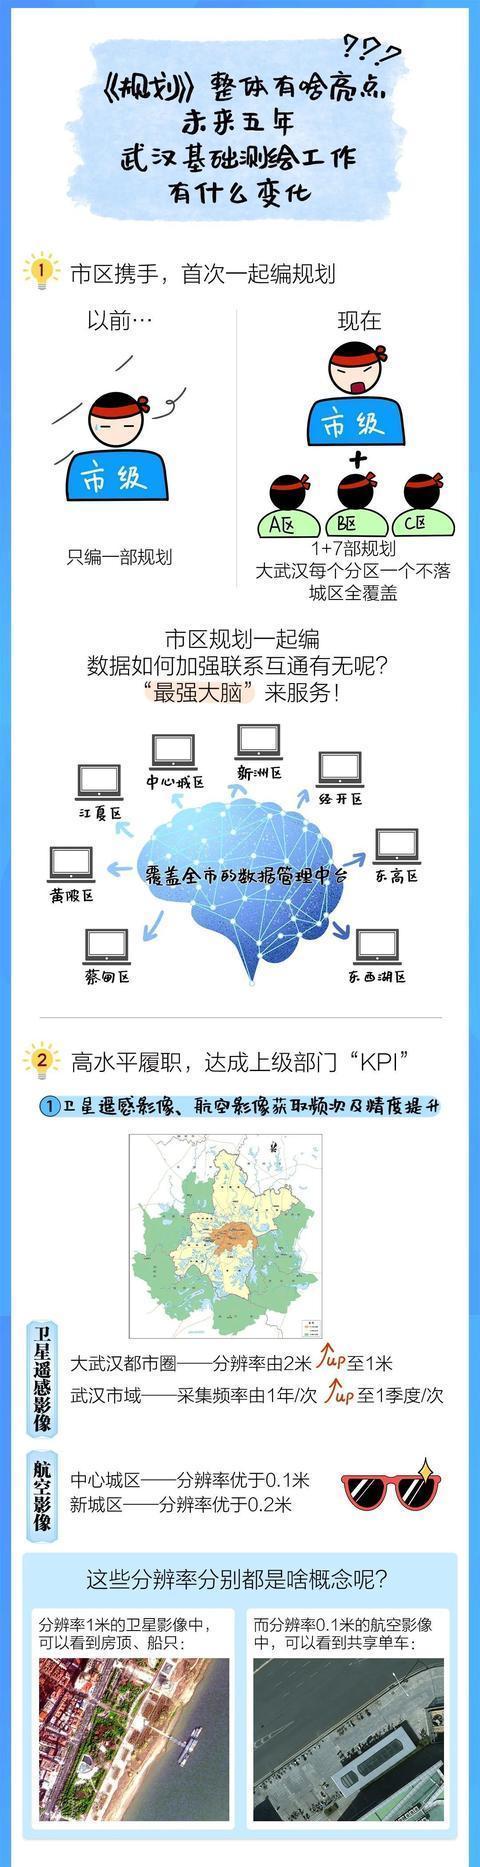 《武汉市基础测绘十四五计划》发表,今后五年武汉将这样做!|一图读。 第8张